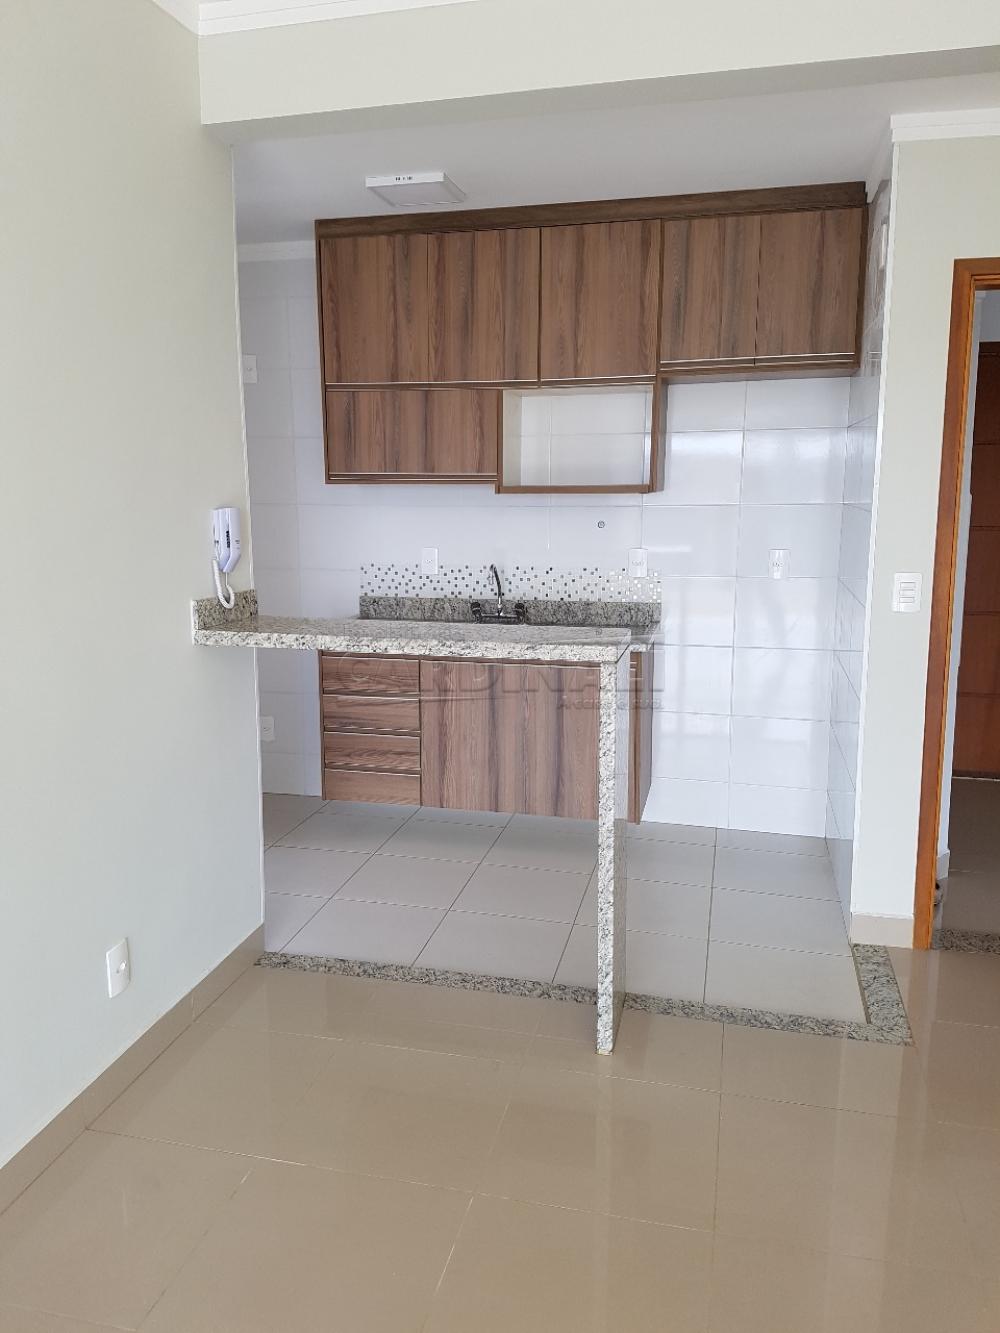 Alugar Apartamento / Padrão em São Carlos R$ 2.112,00 - Foto 7